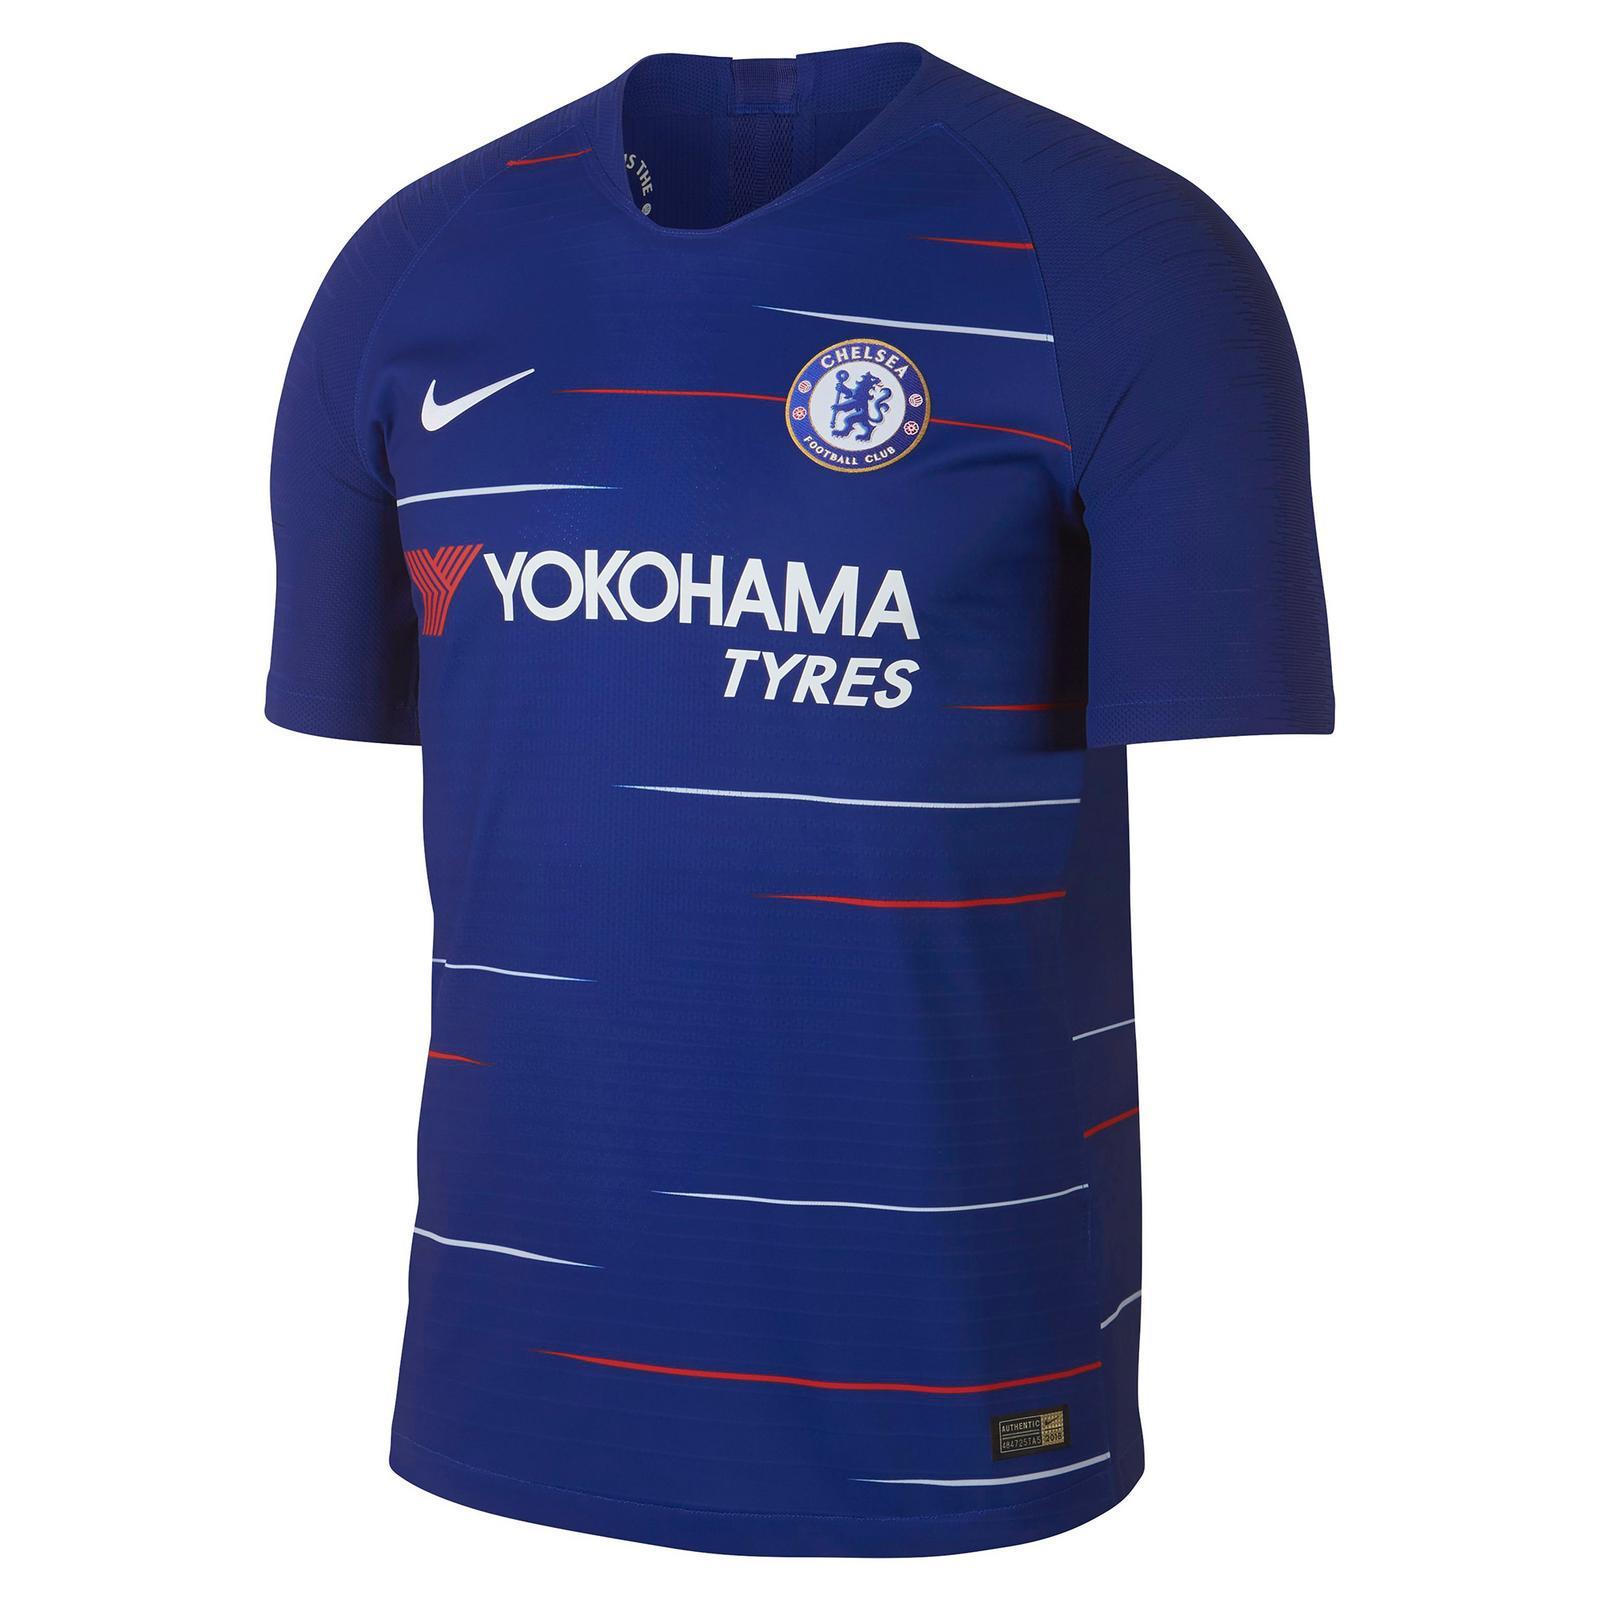 30e8398c61305 Camisetas de fútbol 2018 2019  Real Madrid